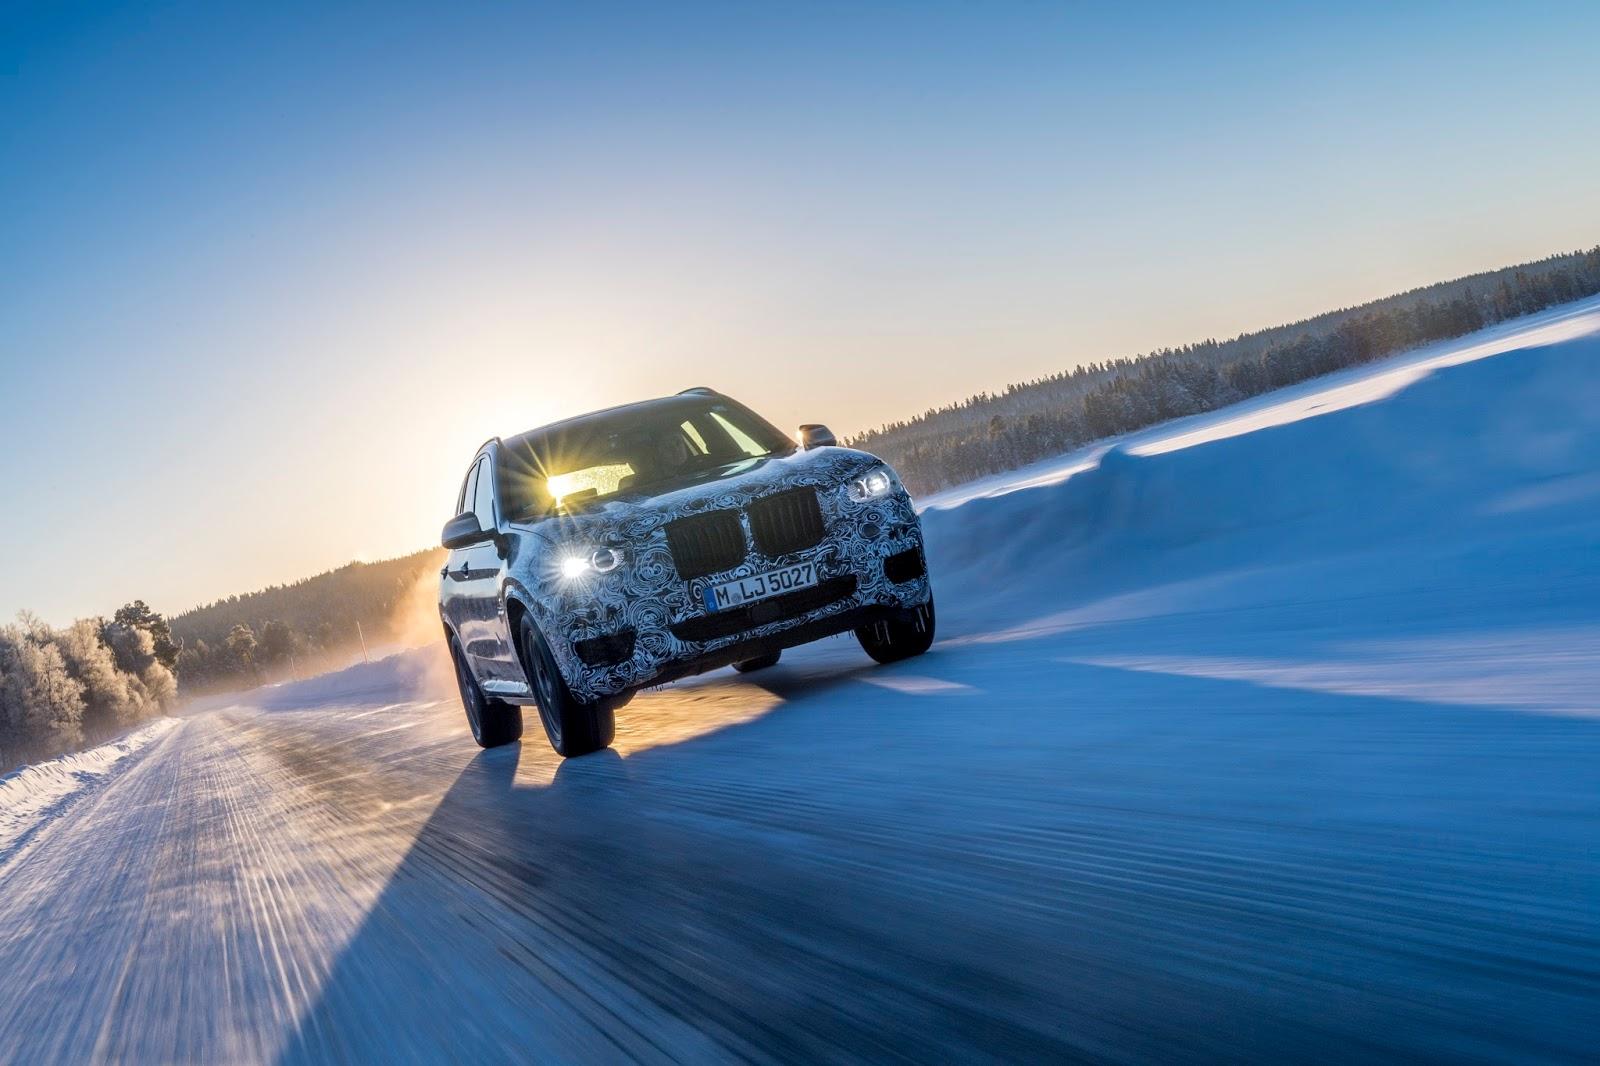 P90249808 highRes the new bmw x3 under Δοκιμές στην παγωμένη Βόρεια Σουηδία, για την επερχόμενη BMW X3 BMW, BMW X, BMW X3, SUV, videos